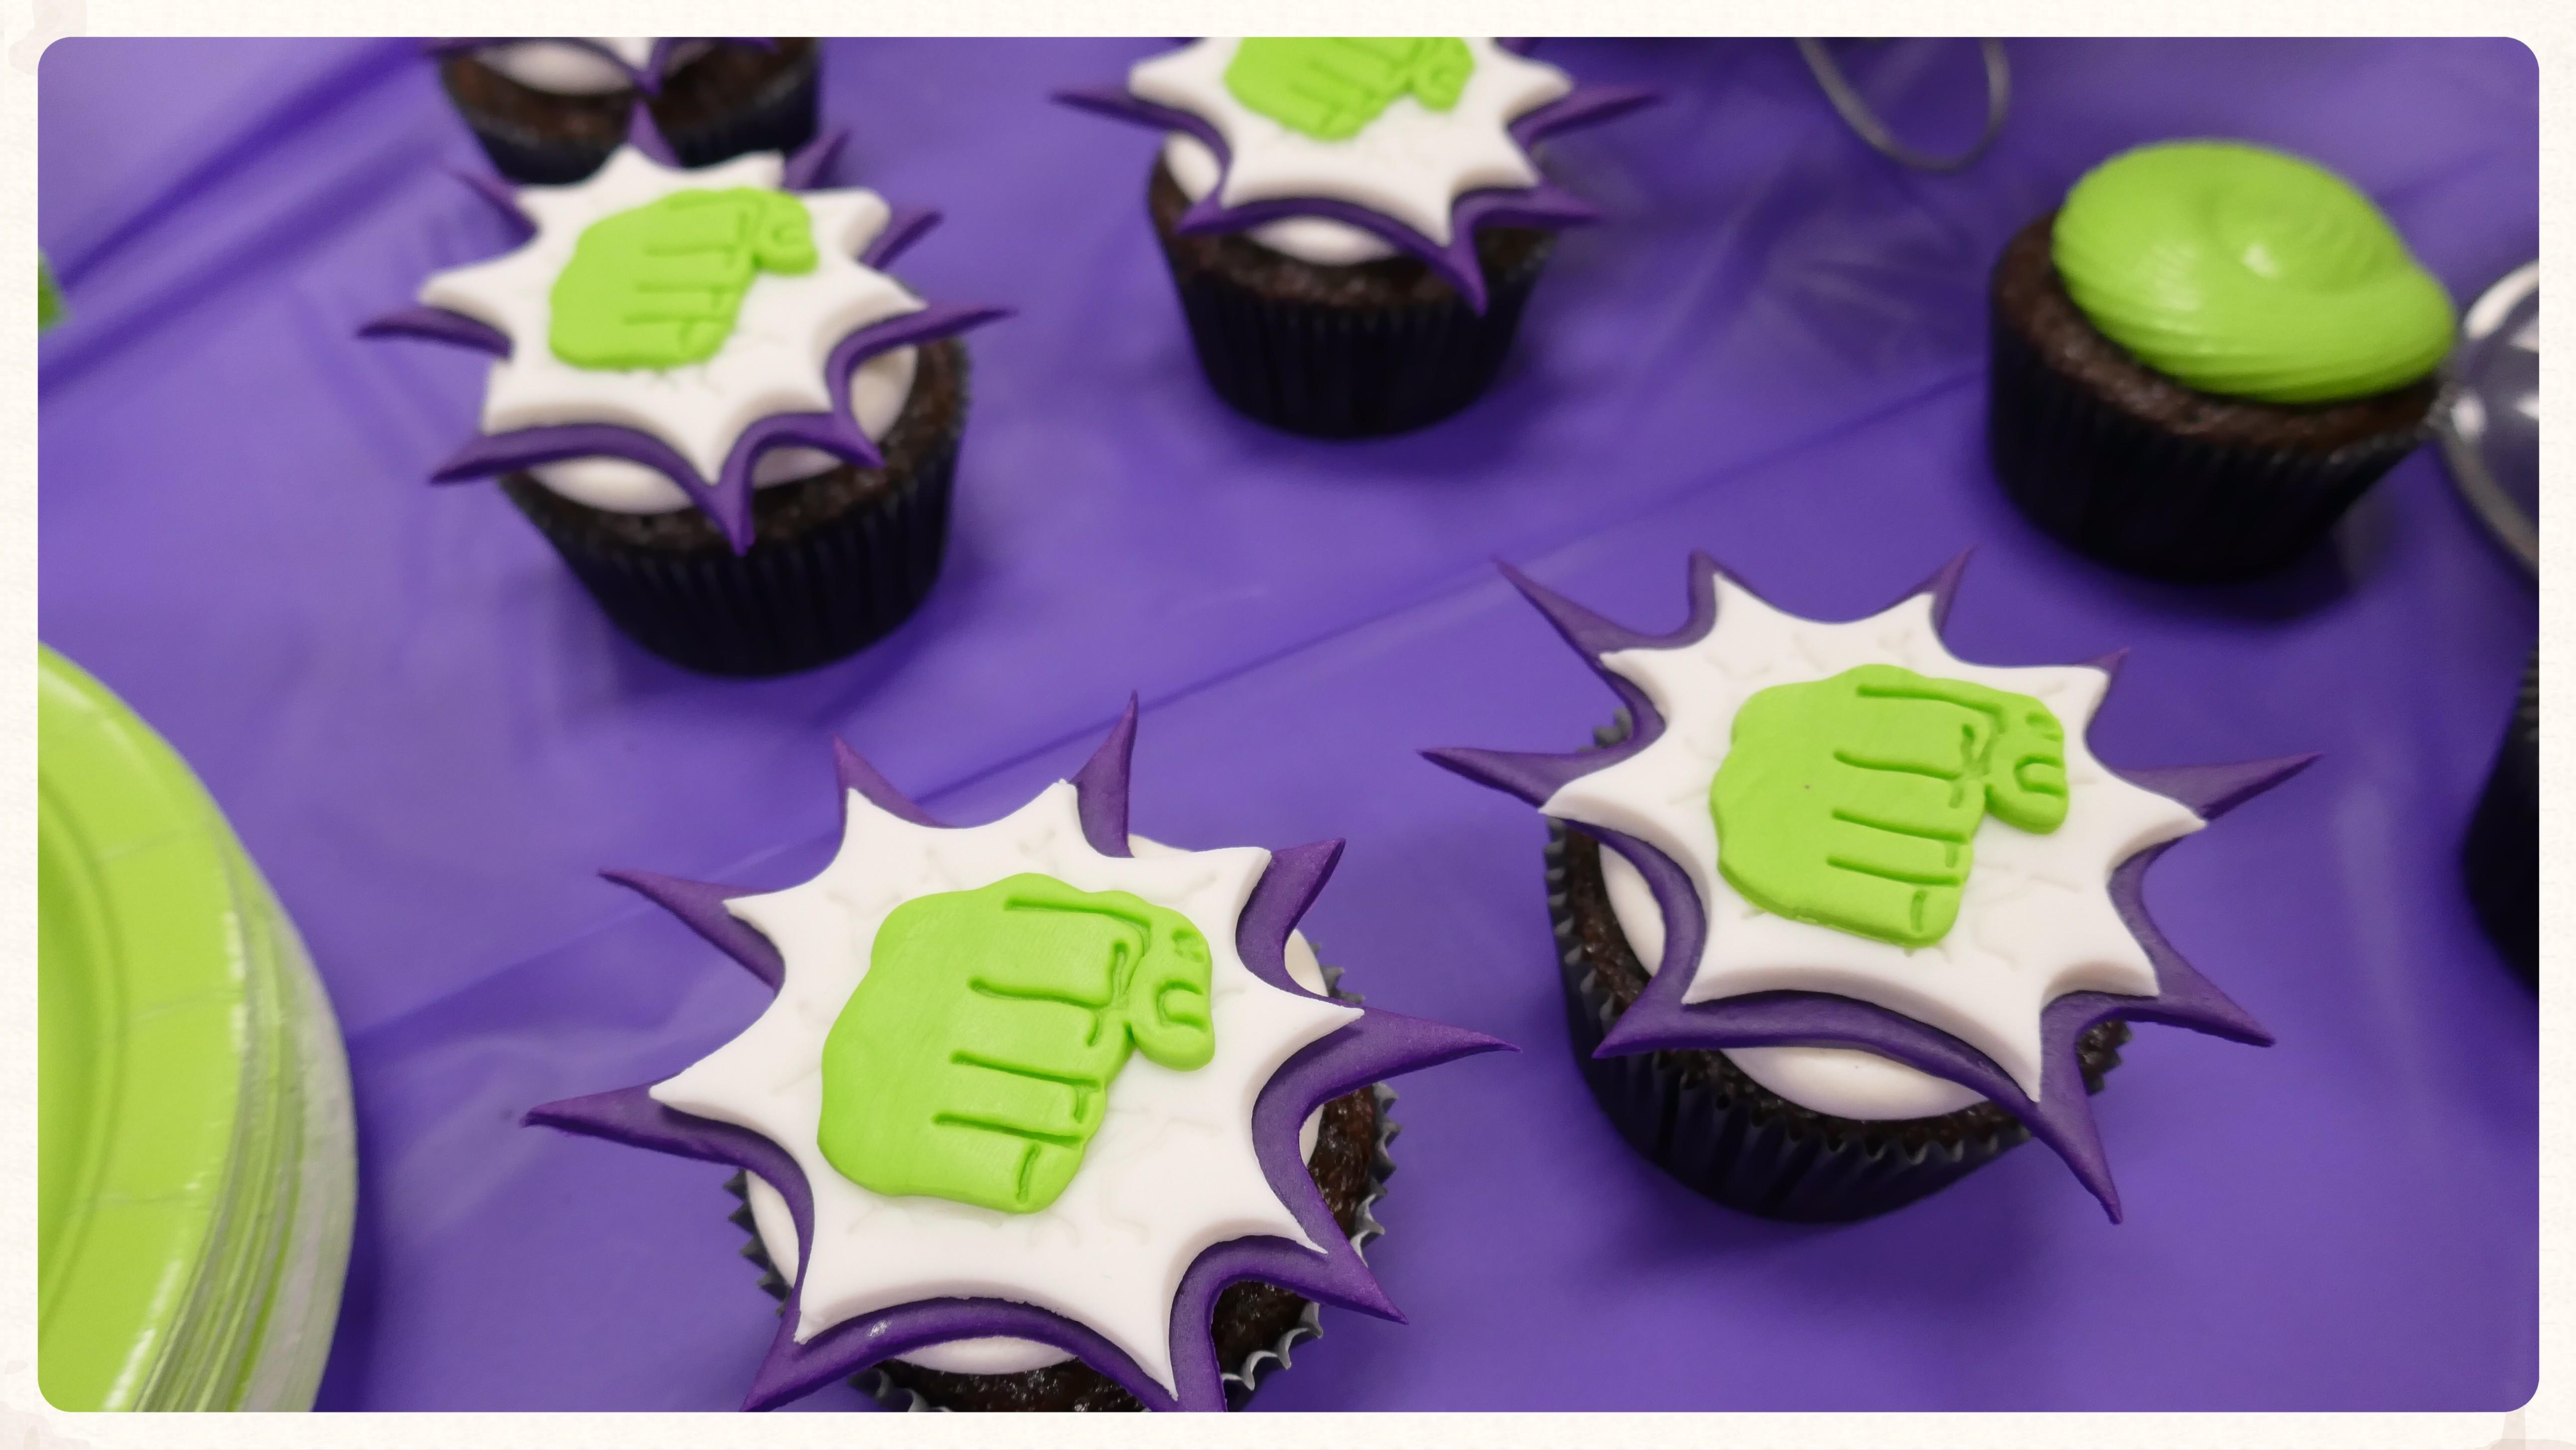 Hulk Smash cupcake display